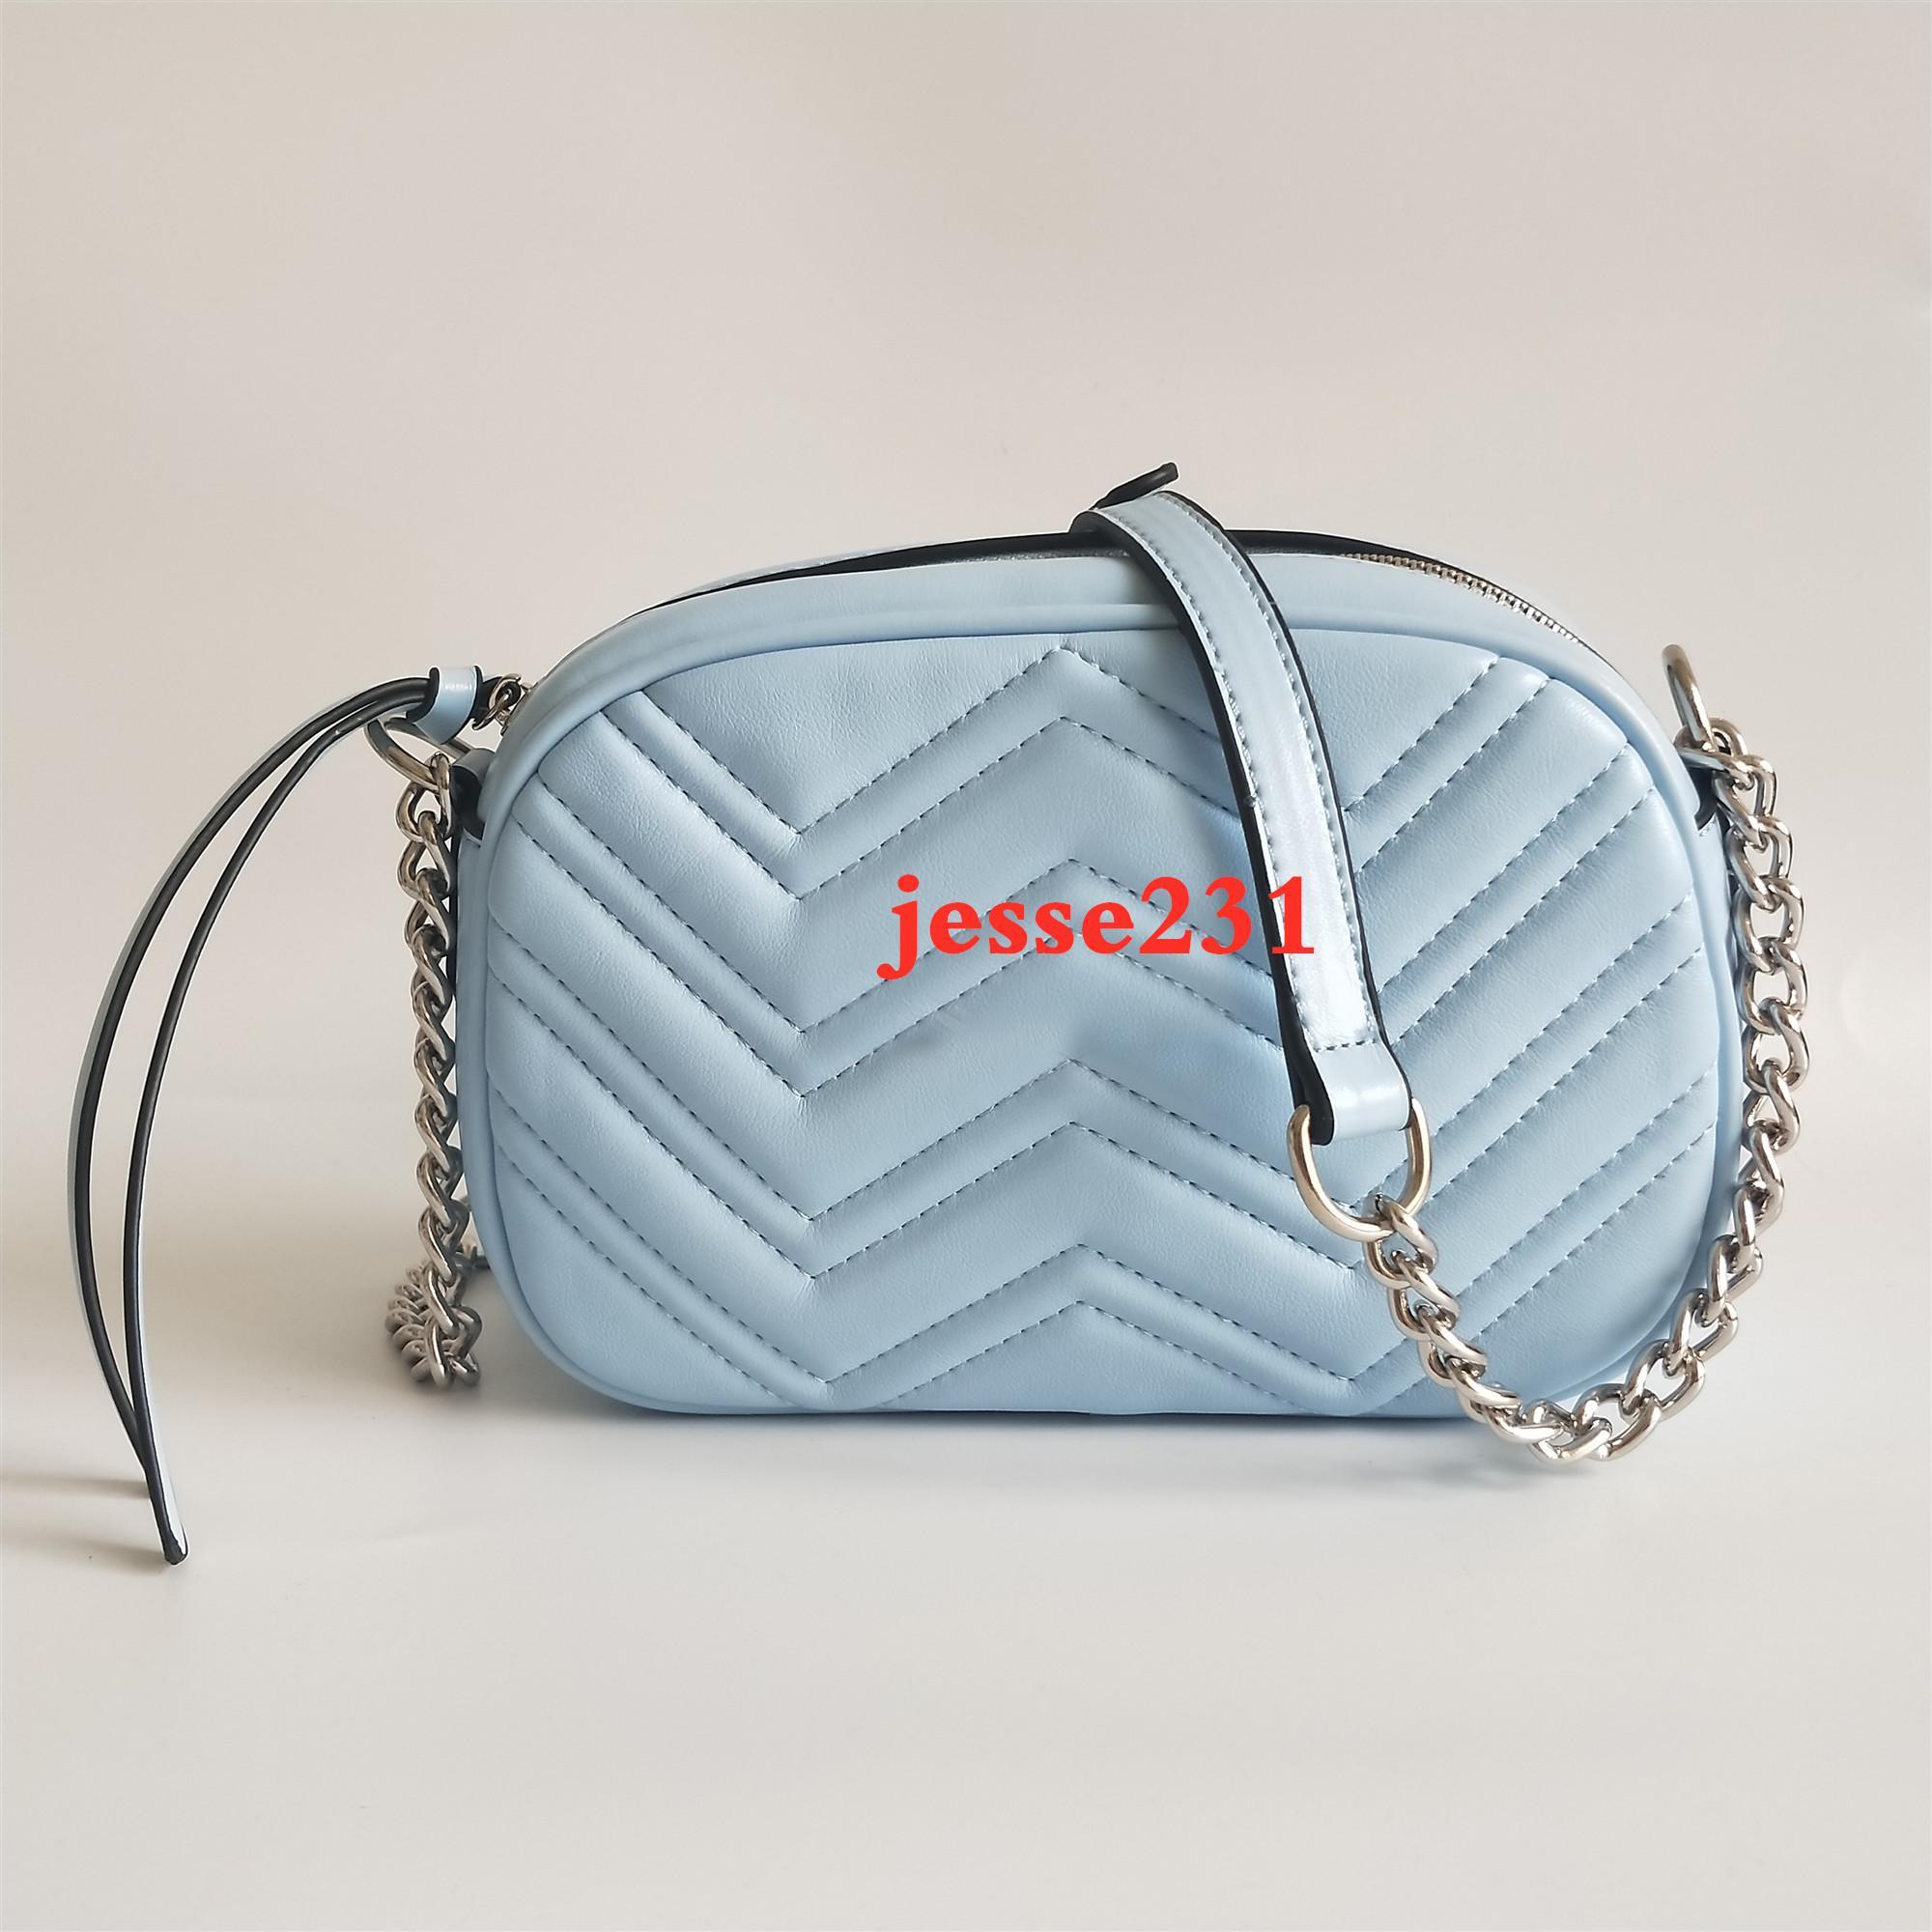 Yüksek Kalite Yeni Stil Kadın Çanta Gümüş Zincir Omuz Çantaları Crossbody Soho Çanta Disko Messenger Çanta Çanta Cüzdan